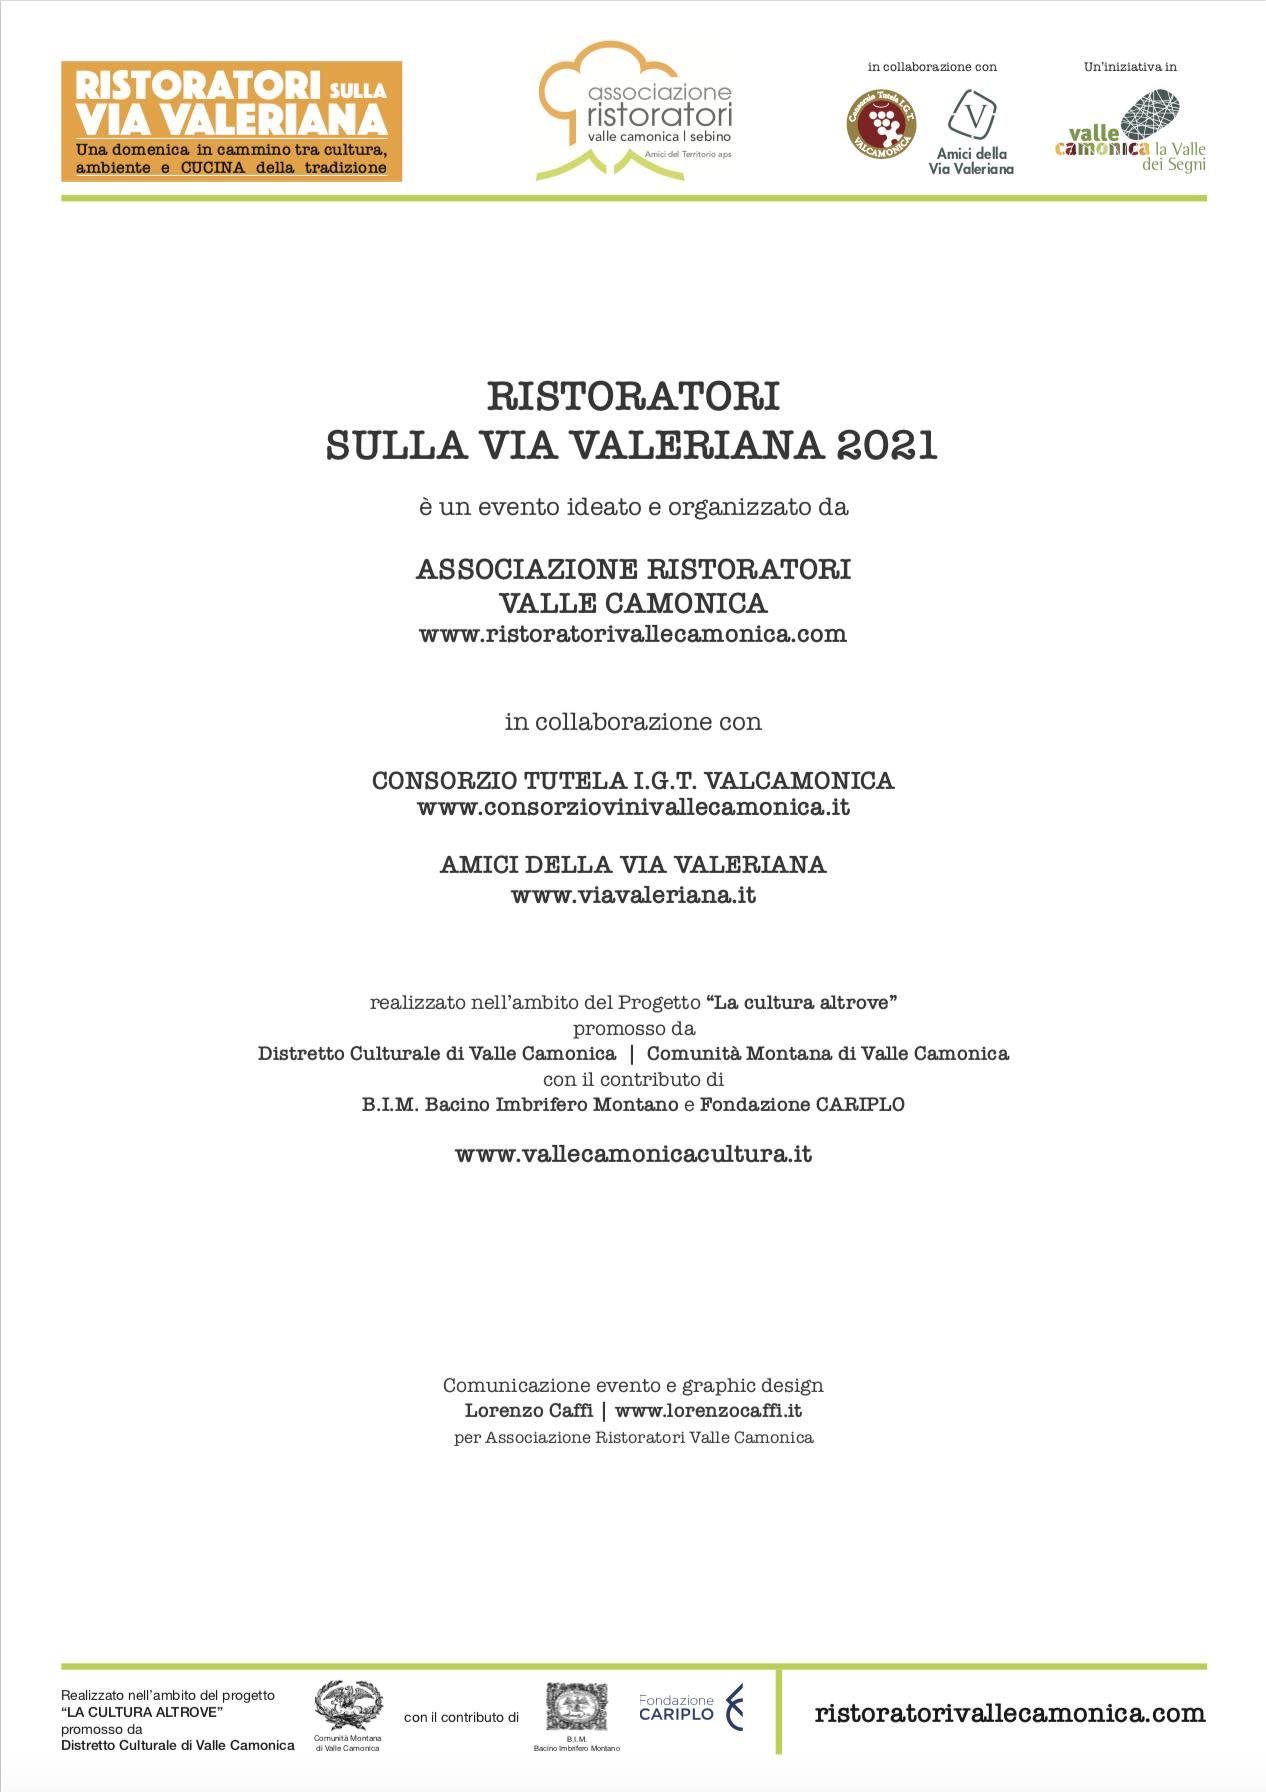 Ristoratori sulla Via Valeriana - Info e Regolamento